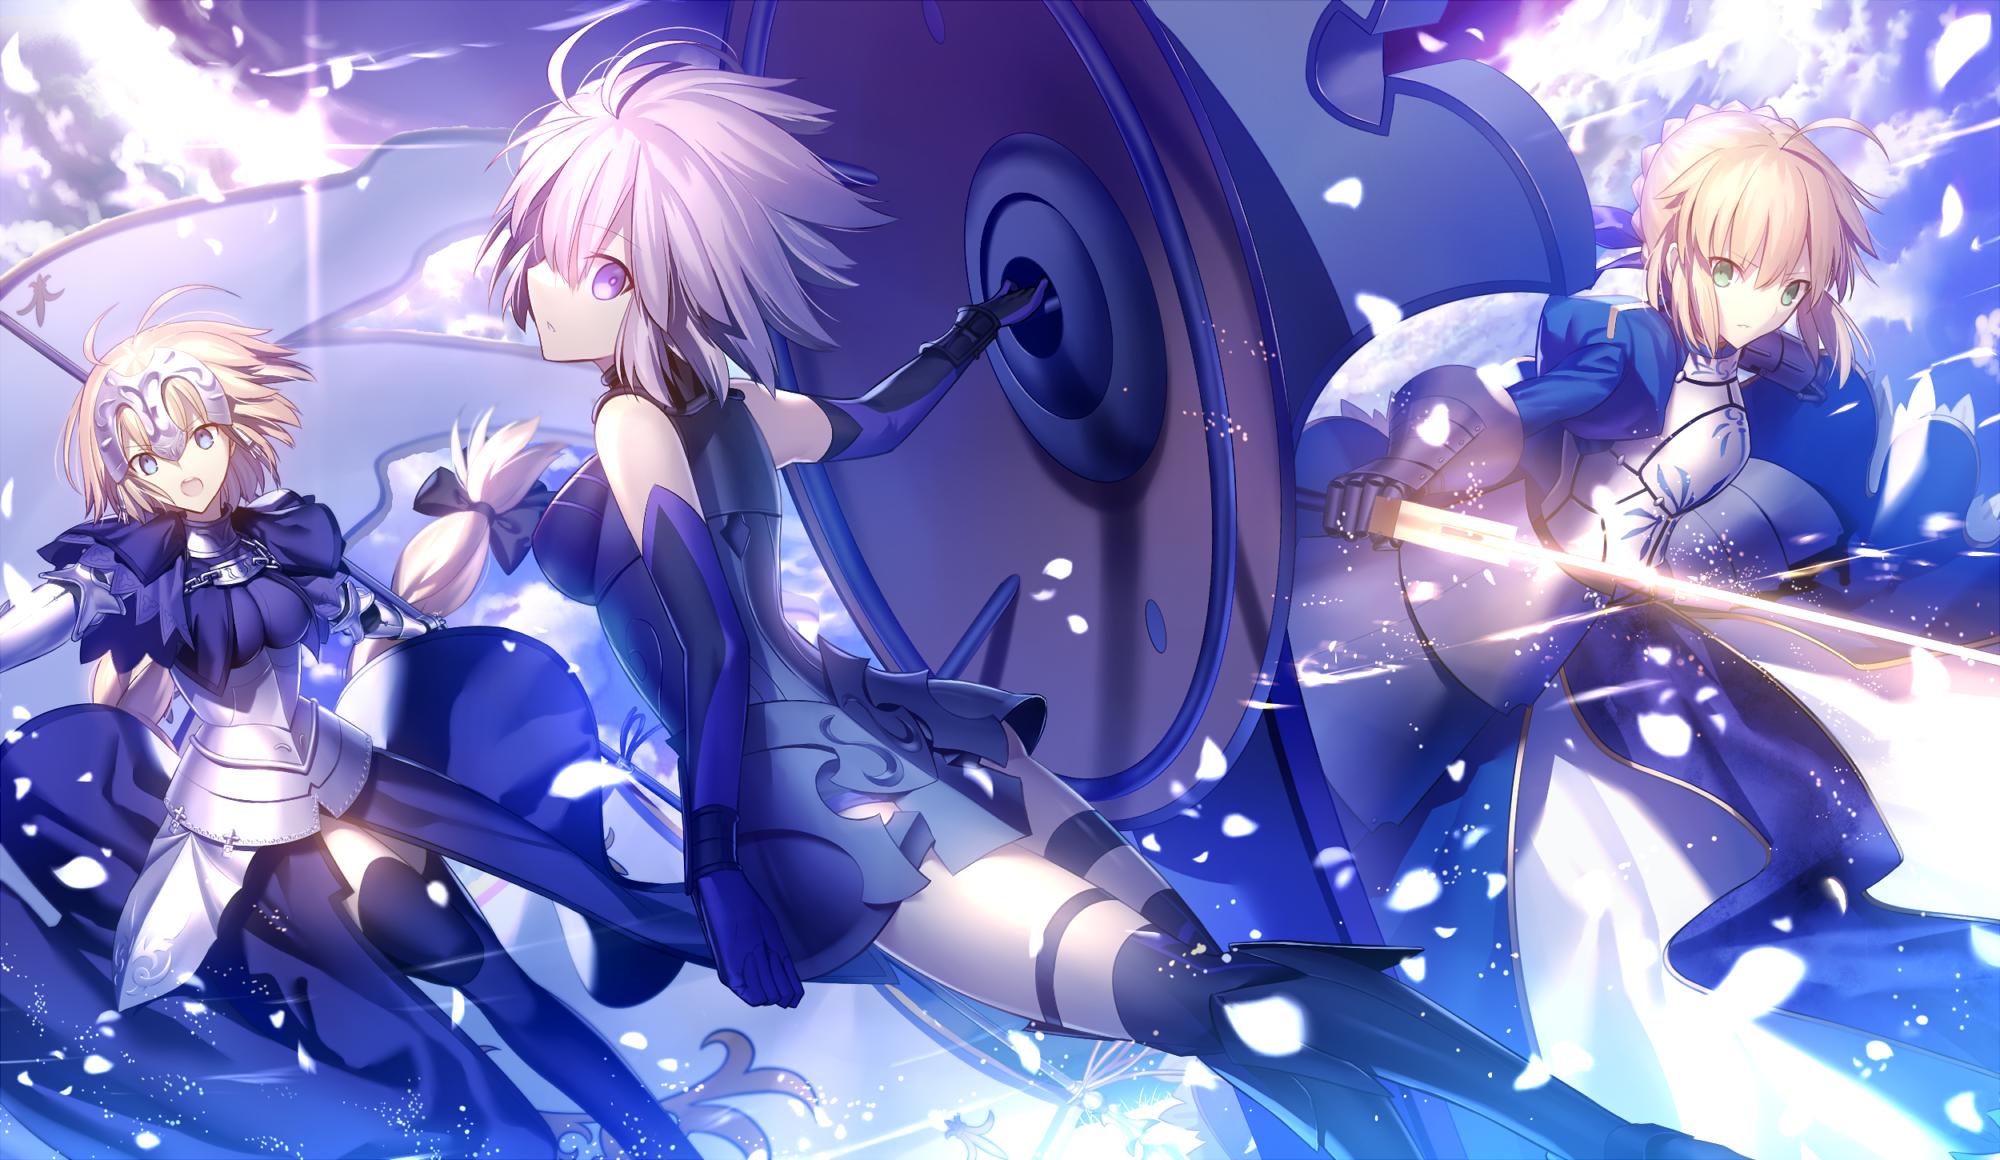 玛修·基列莱特,盾娘,Fate/Grand O,fgo